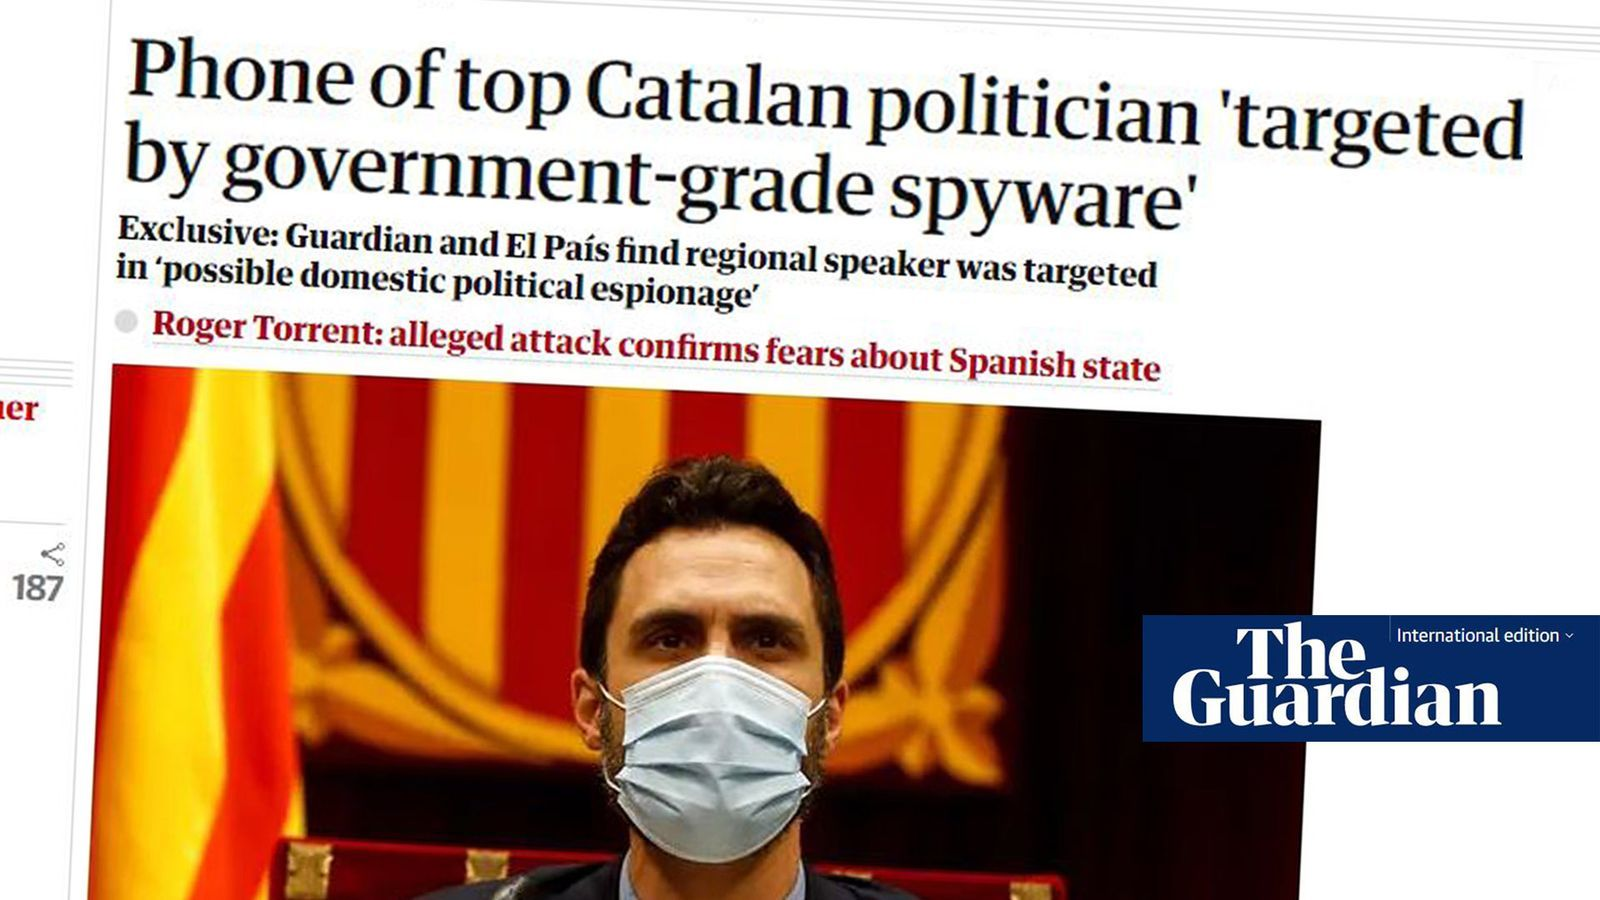 El mòbil de Torrent va ser espiat per un programa que només es ven a governs, la Generalitat insisteix en el confinament de Lleida, i Carme Portaceli, directora del TNC: les claus del dia amb Antoni Bassas (14/07/2020)